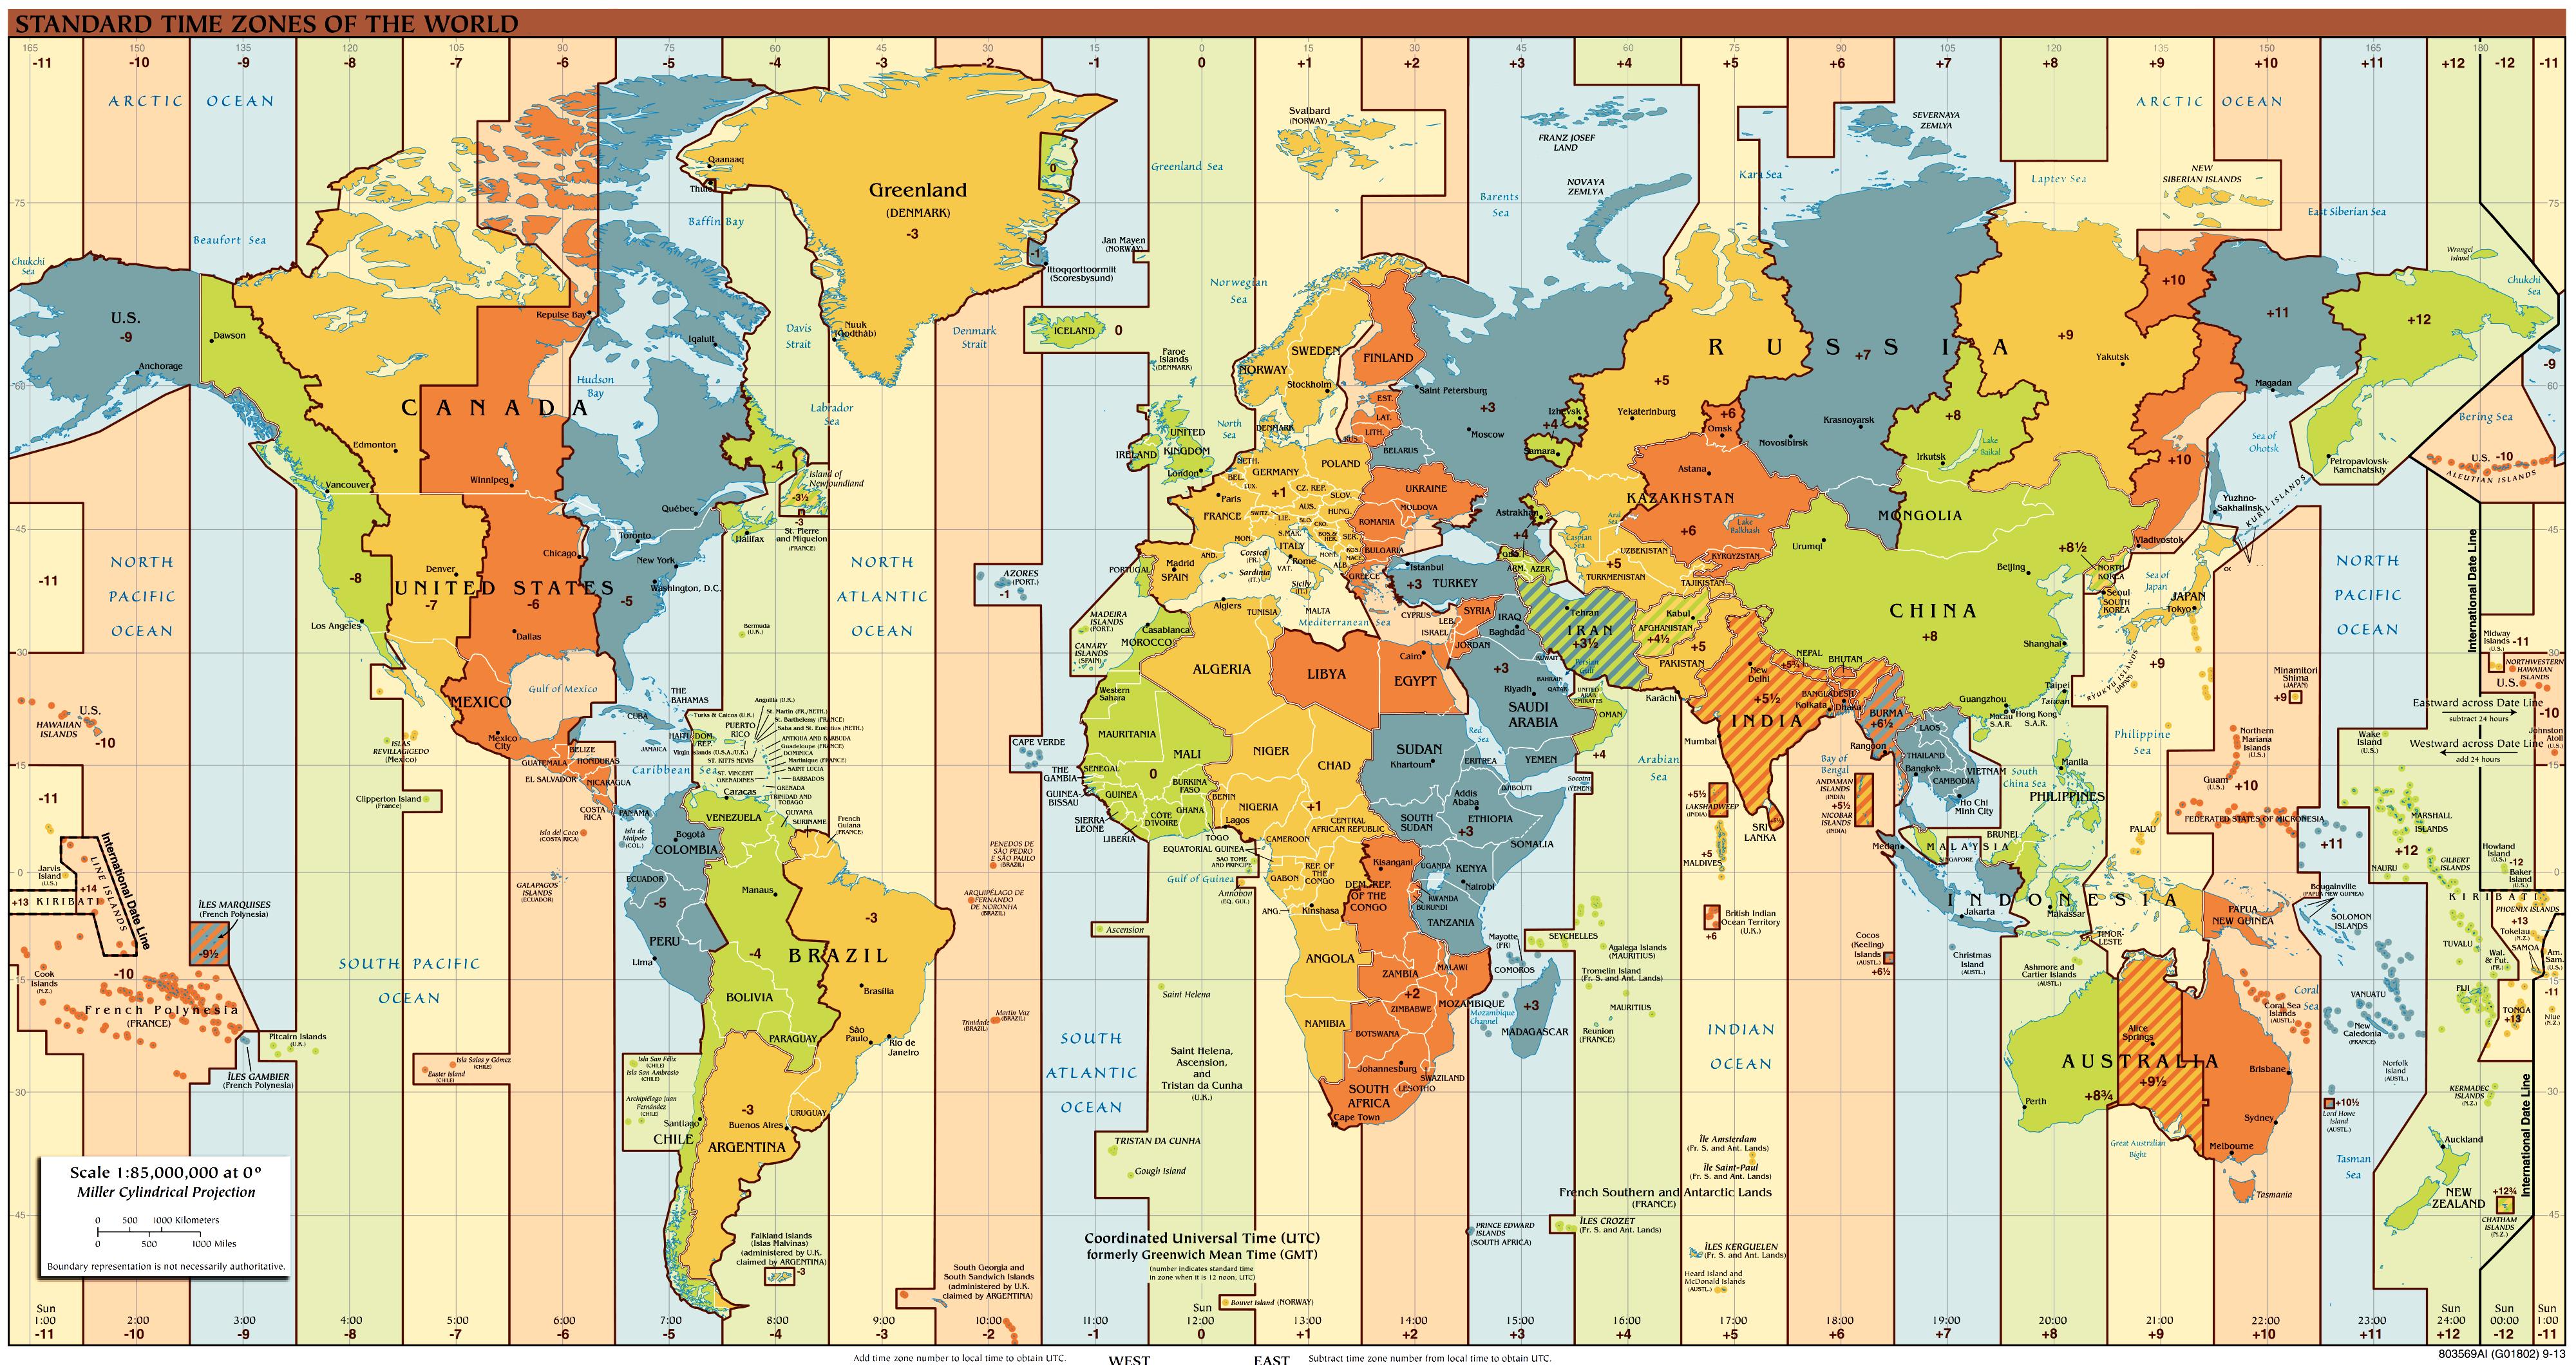 Карта мира с часовыми поясами в другом издании на английском языке